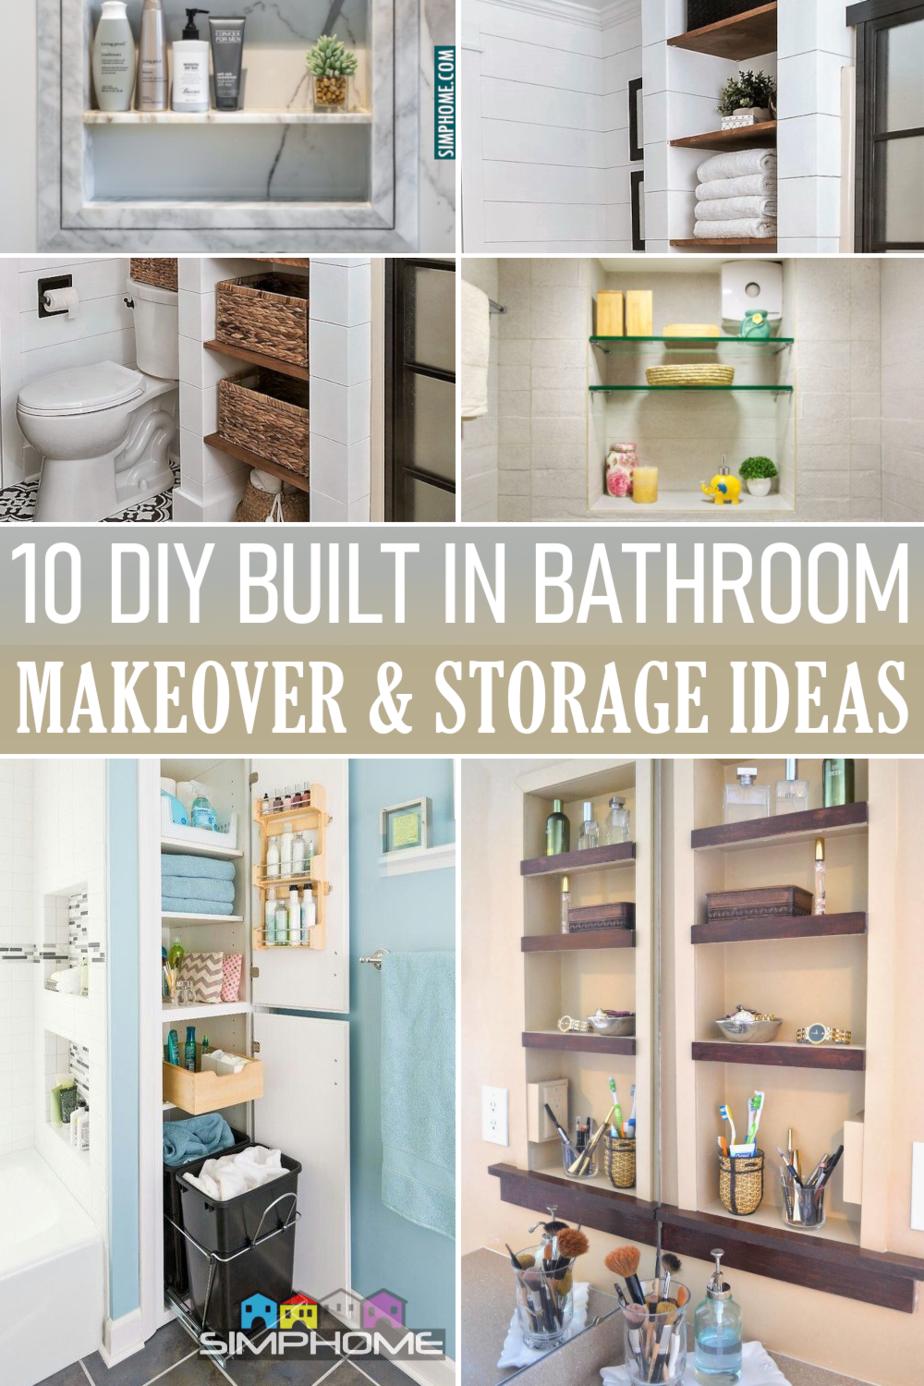 10 DIY Built in Bathroom Storage Ideas via Simphome.comFeatured